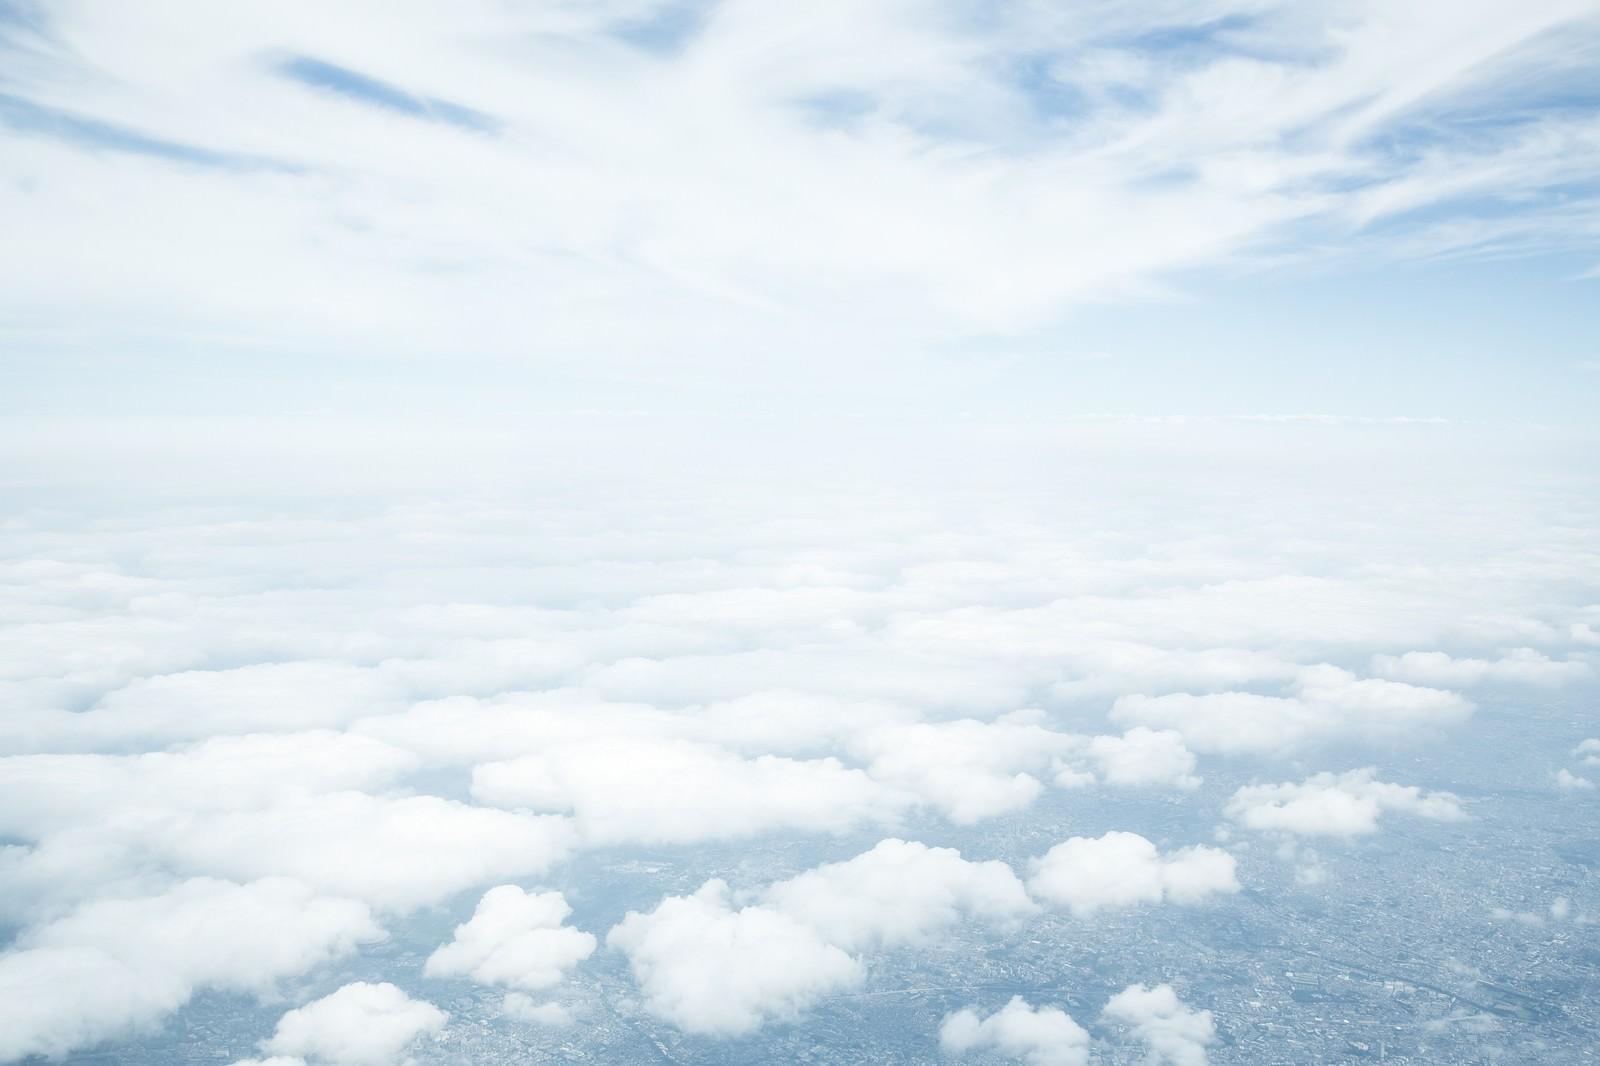 「低い雲と高い位置の雲」の写真